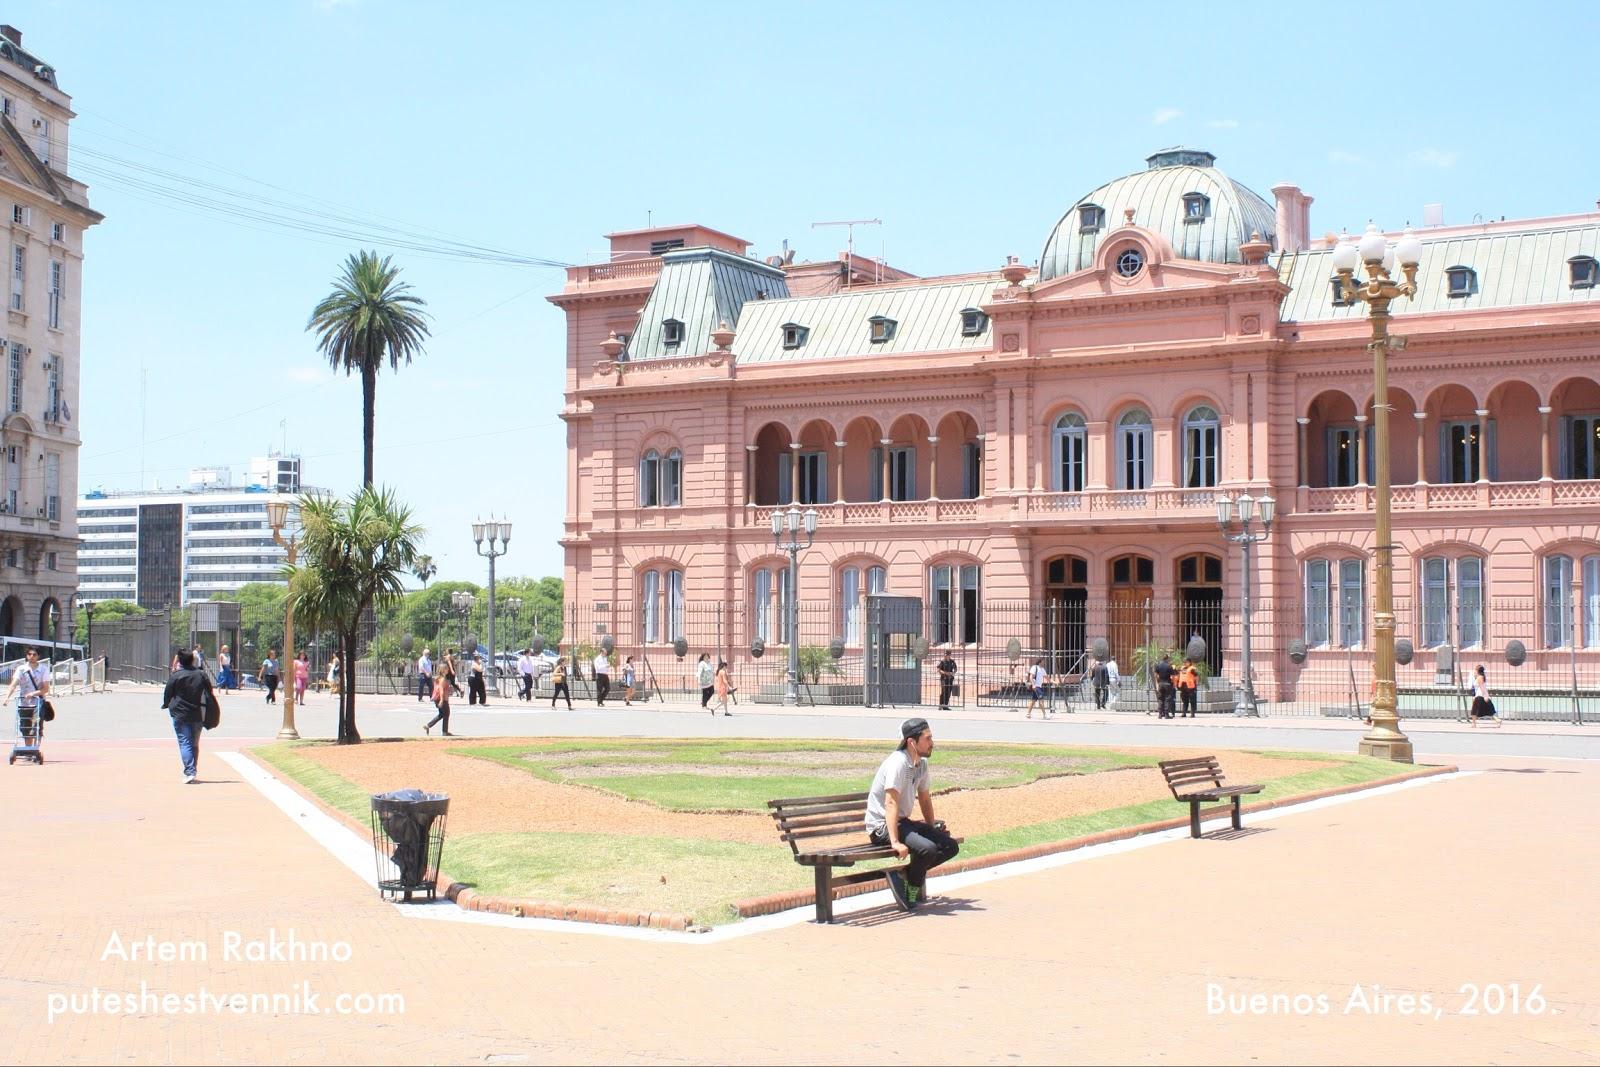 Дворец в Буэнос-Айресе